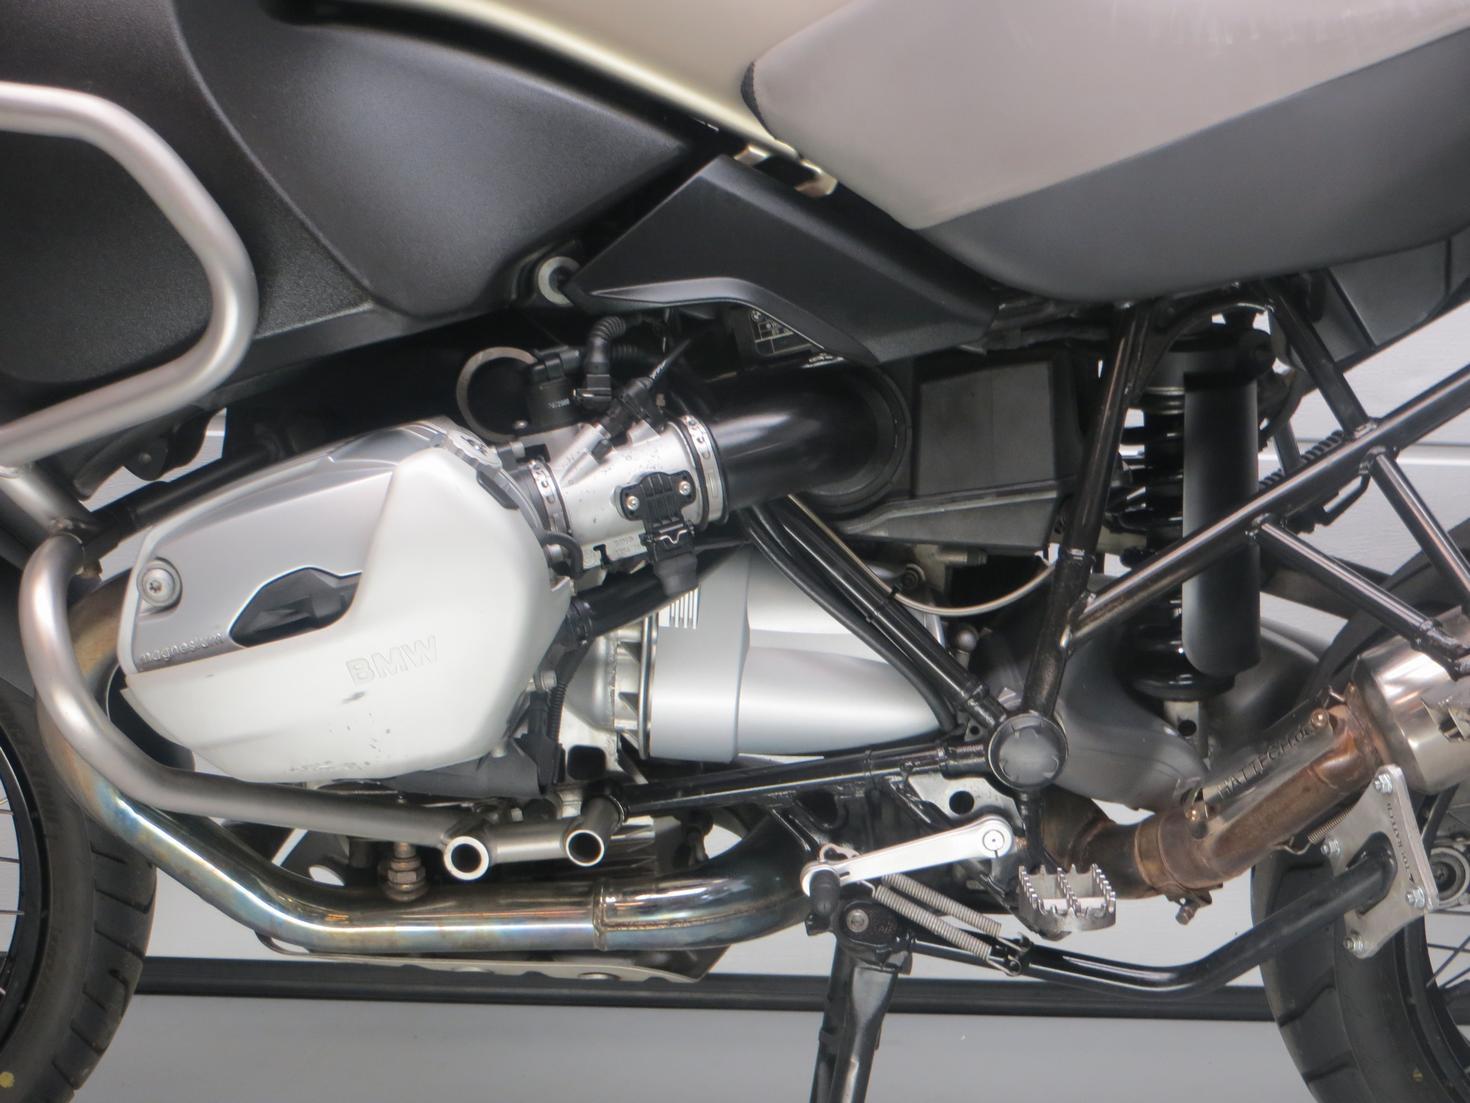 BMW - R 1200 GS ADVENTURE